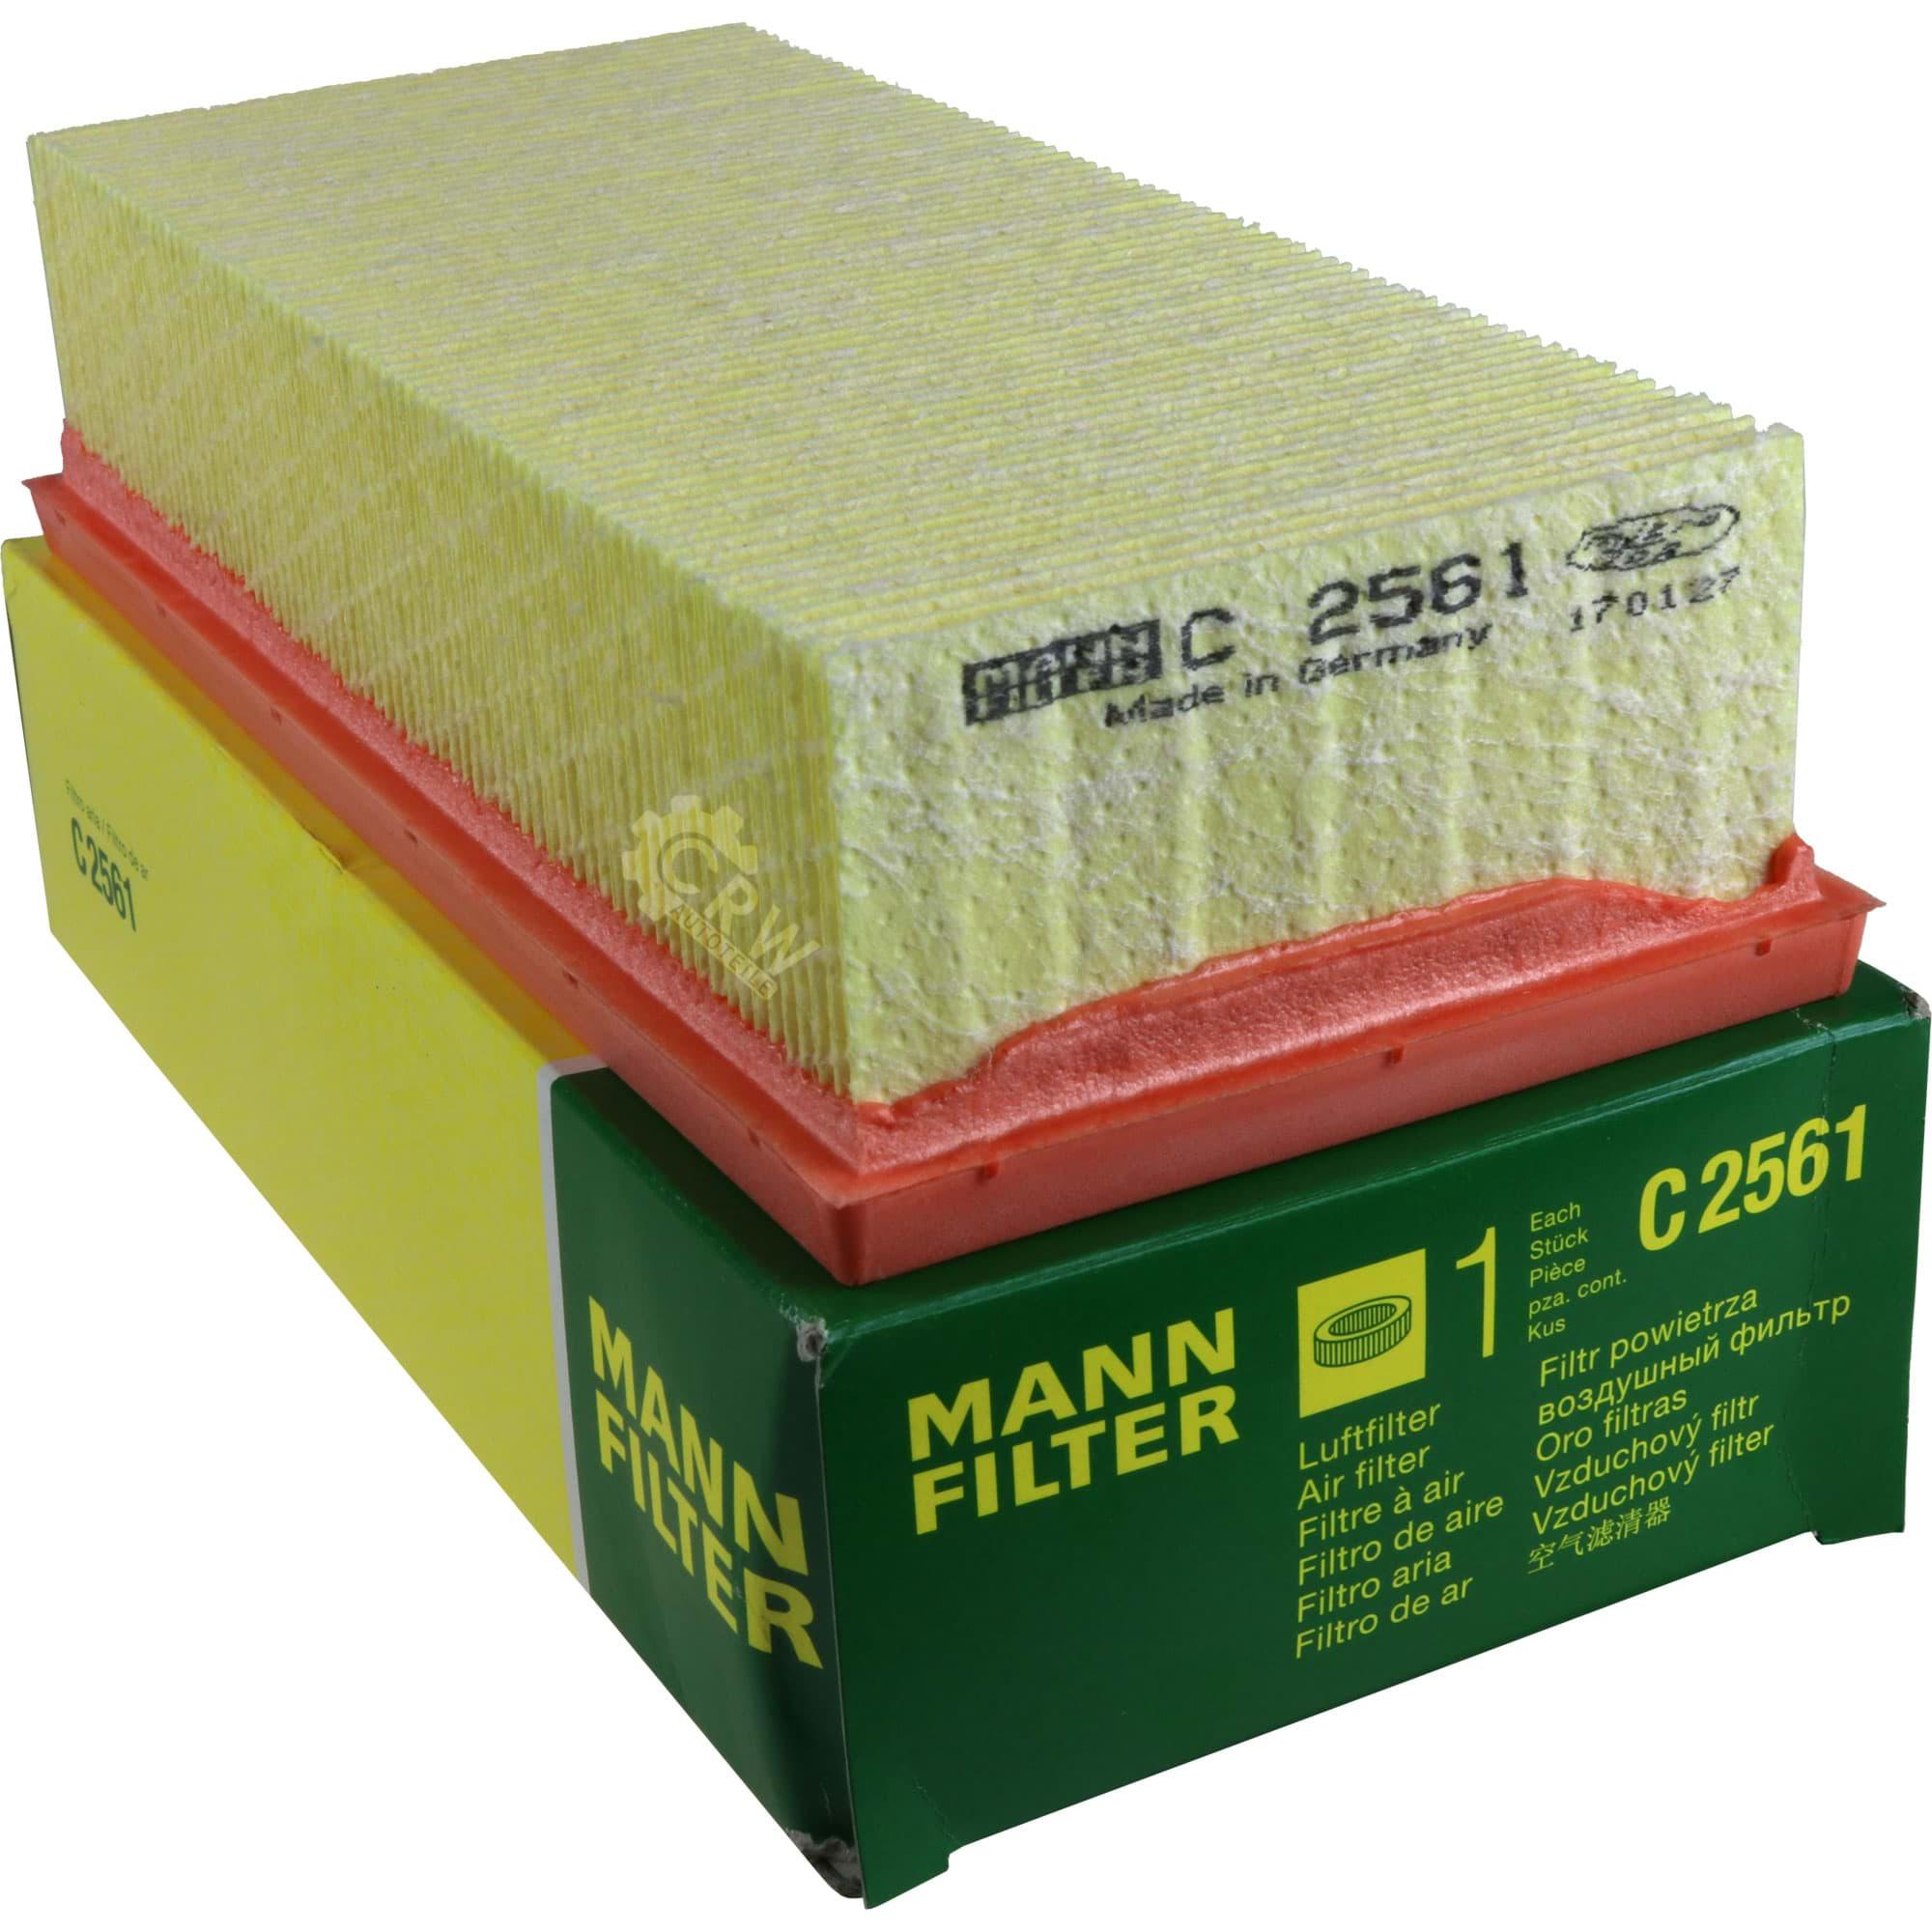 MANN-FILTER Luftfilter C 2561 für SMART MITSUBISHI